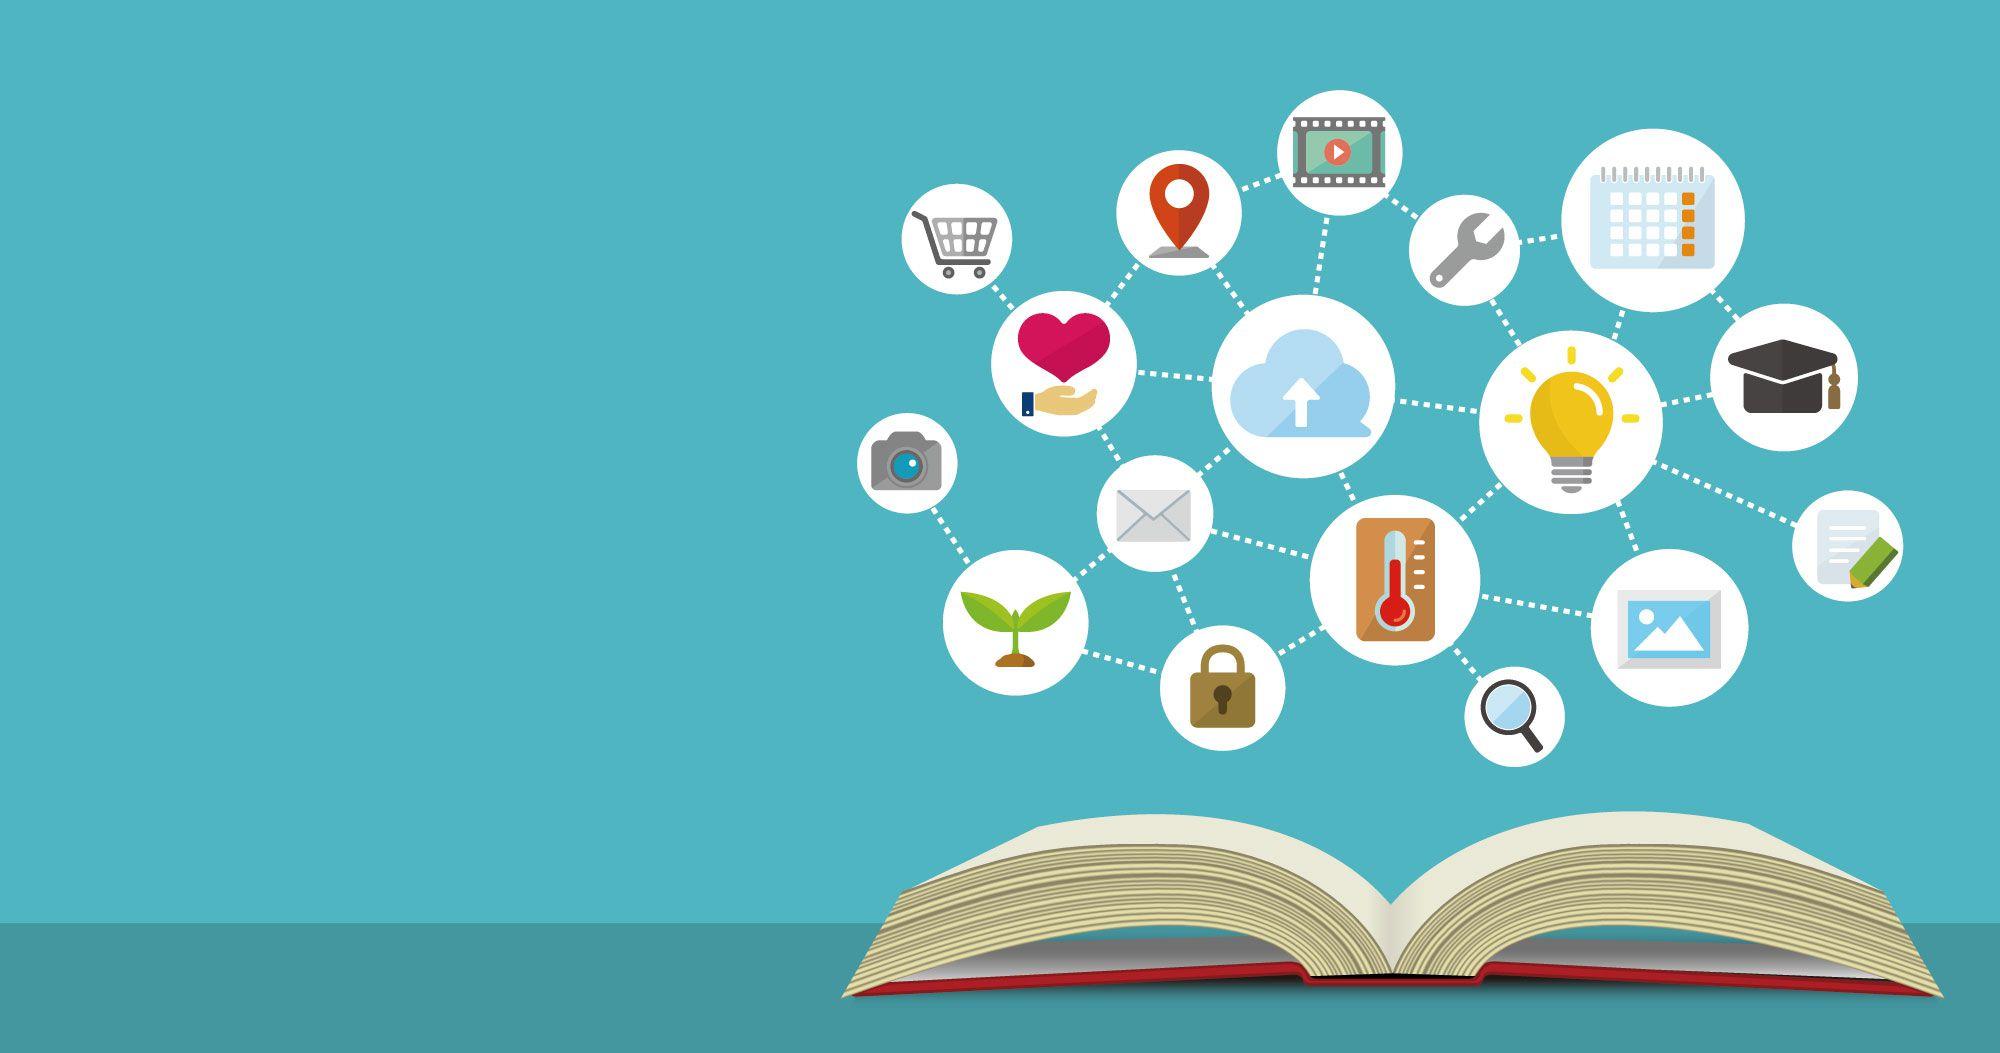 【初心者におすすめ】デジタルマーケティングを勉強できる本 ベスト5!